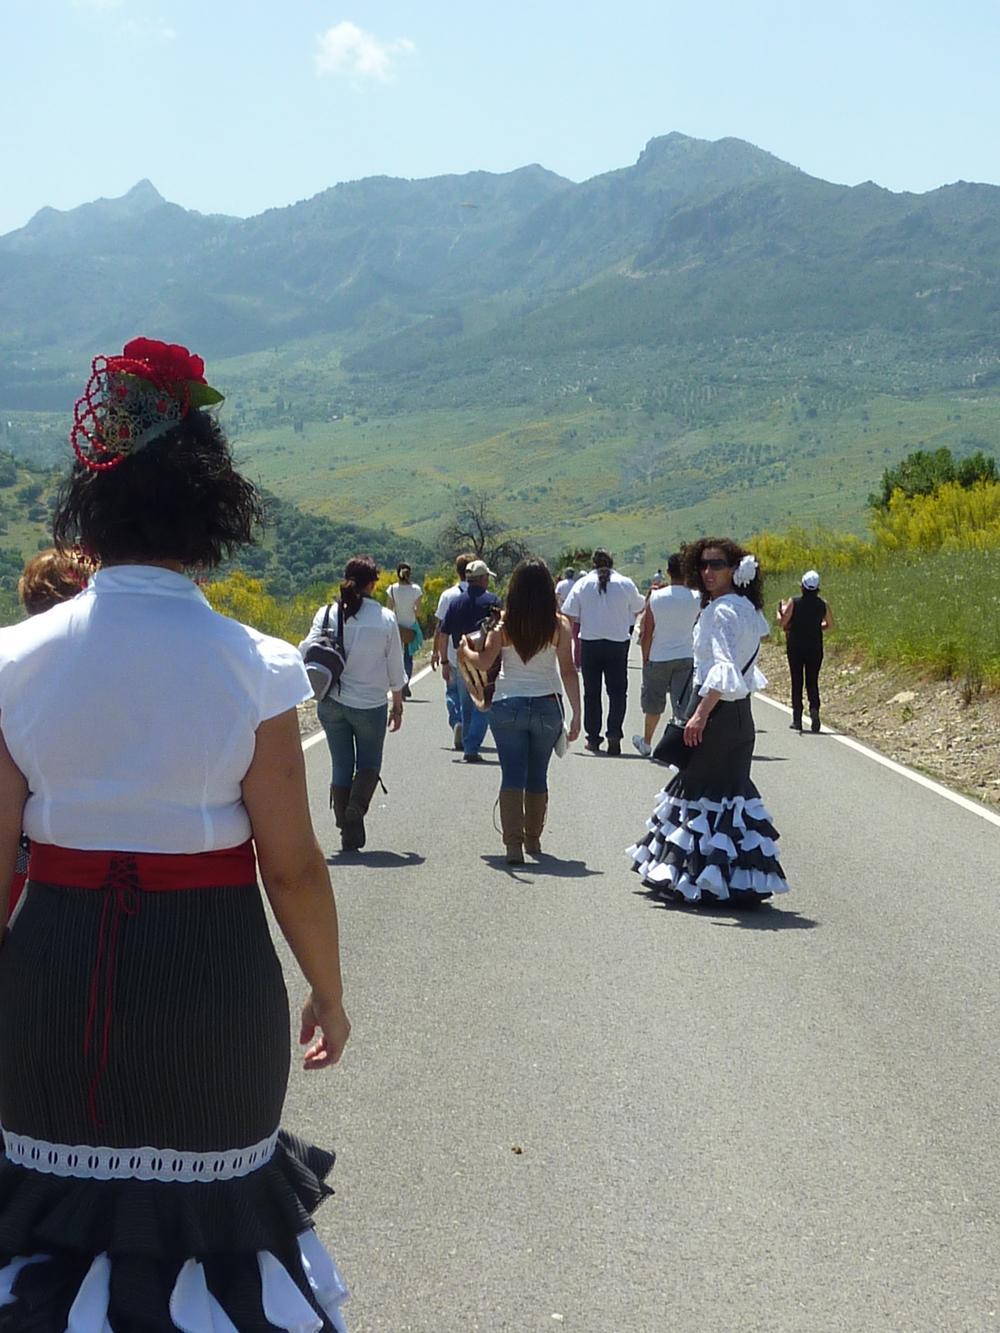 Finklädda i flamenco trots värmen och vandringen